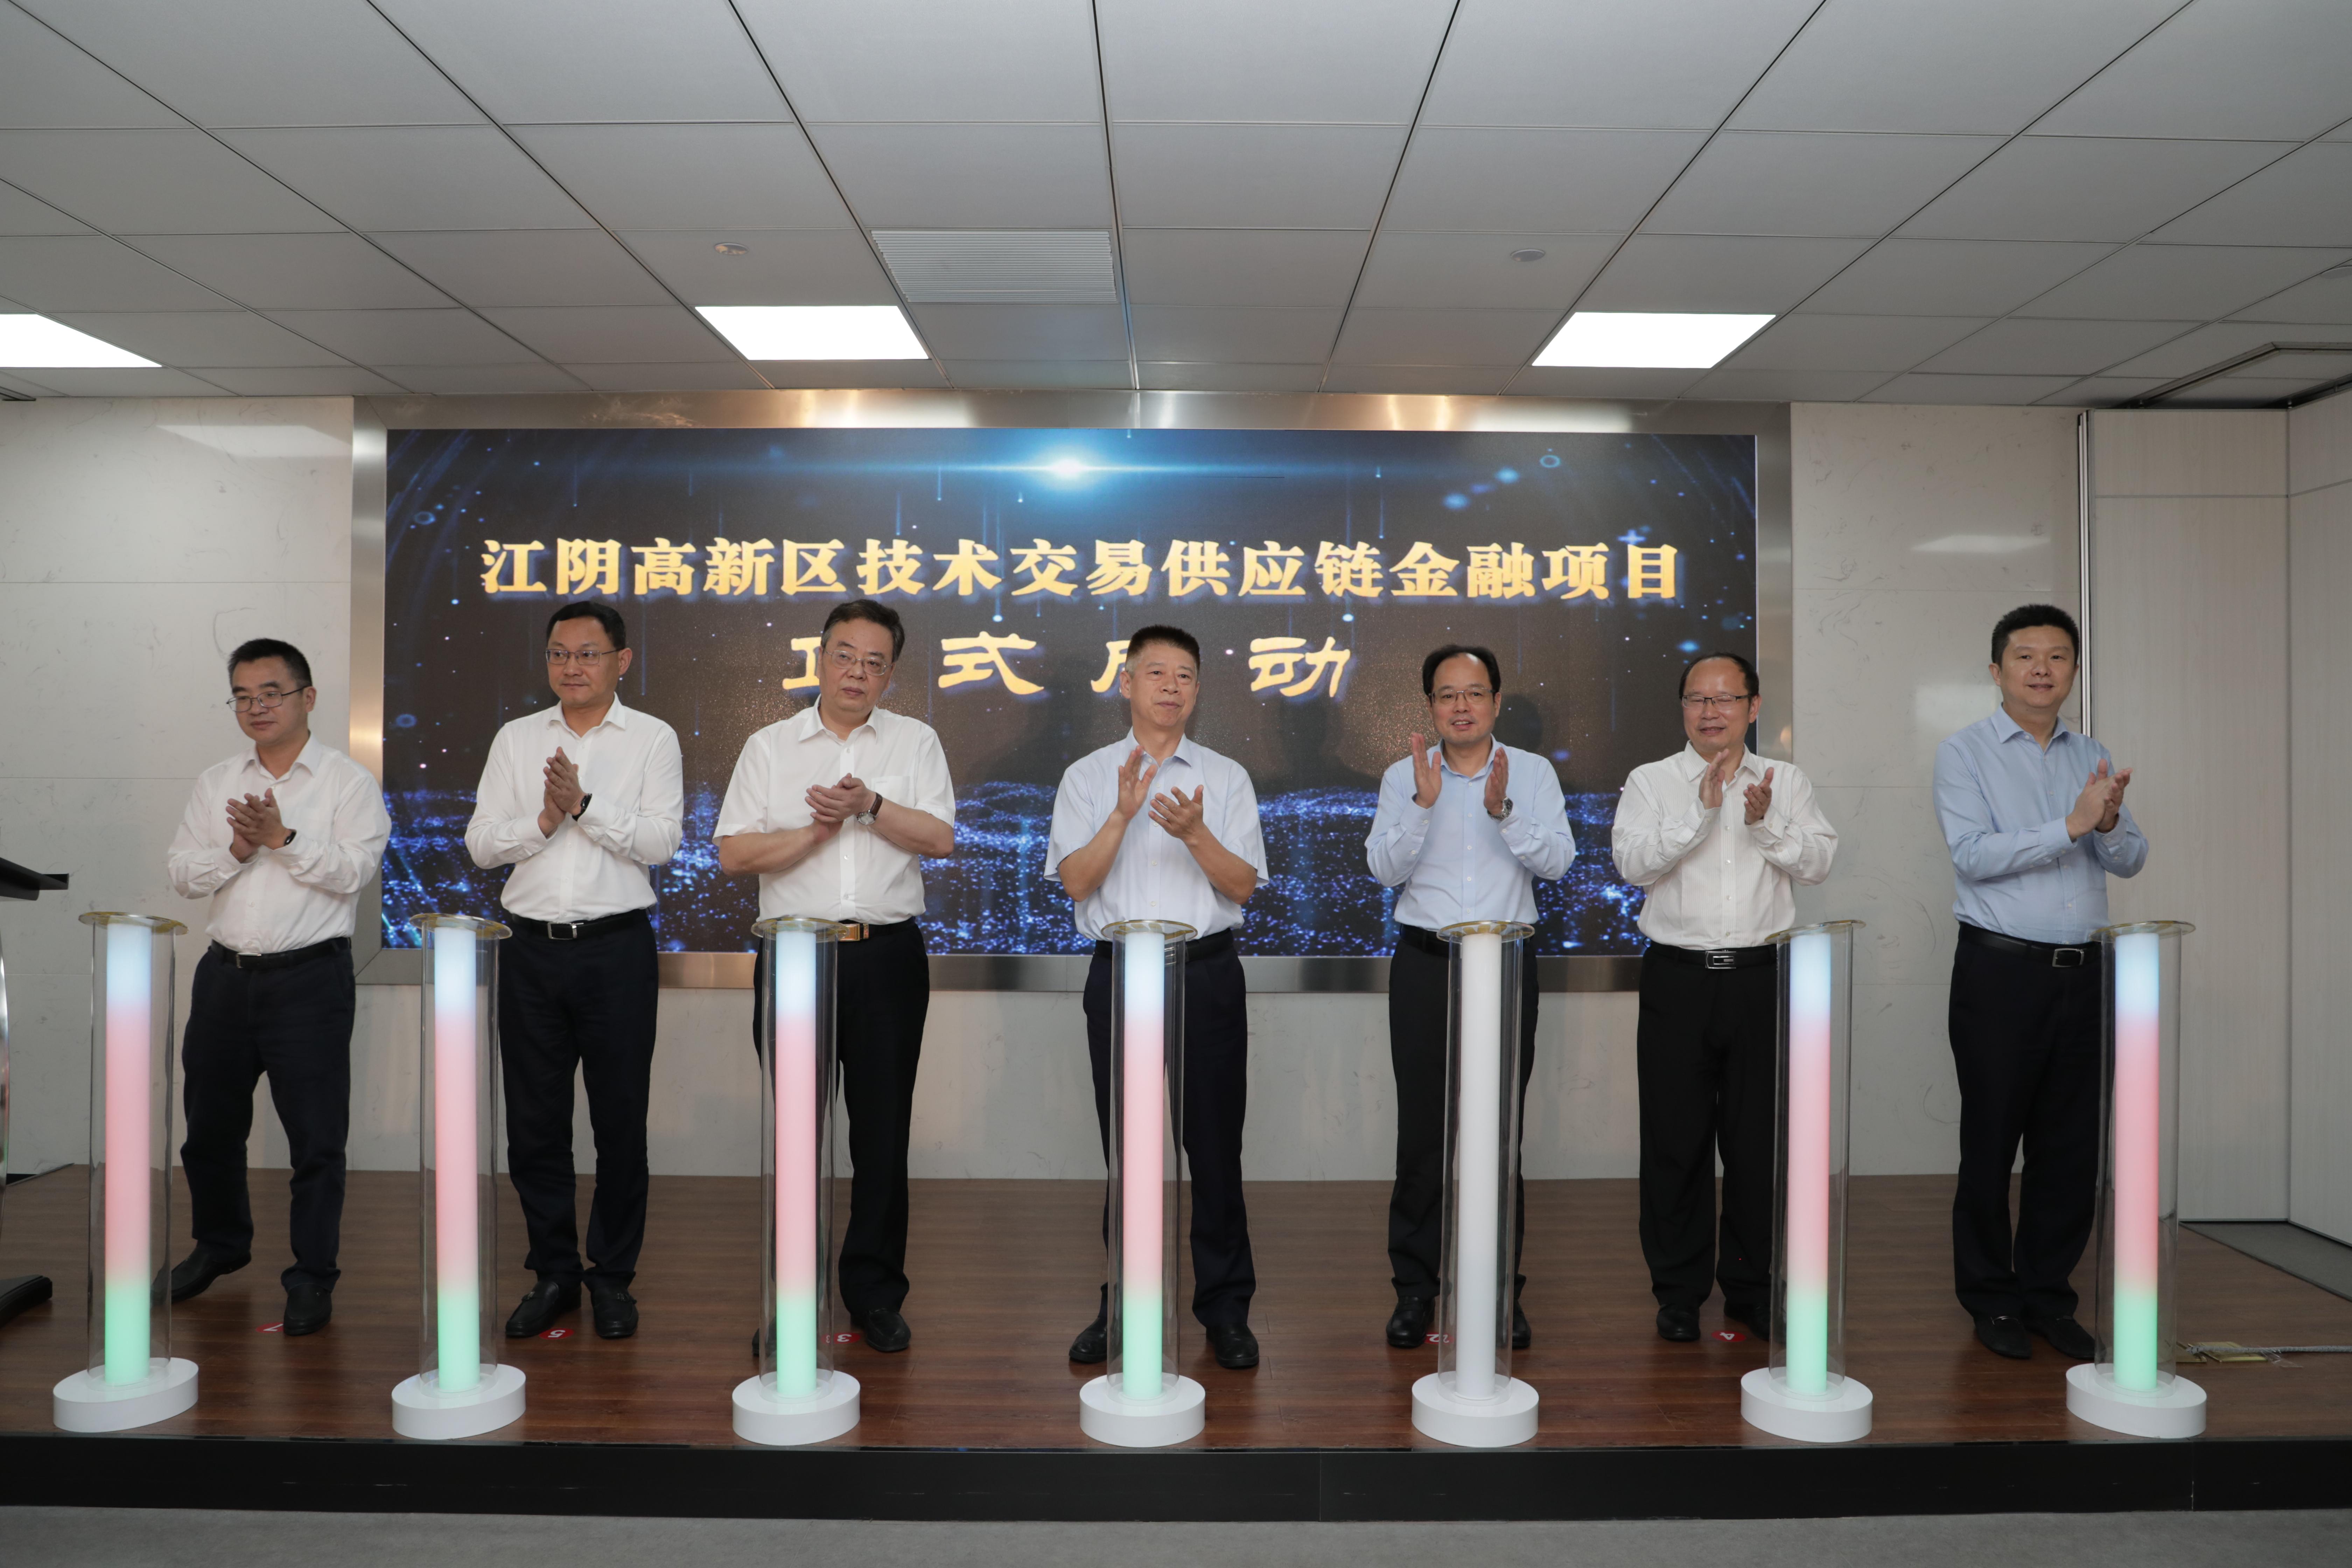 江阴推出技术交易供应链金融项目,解决企业